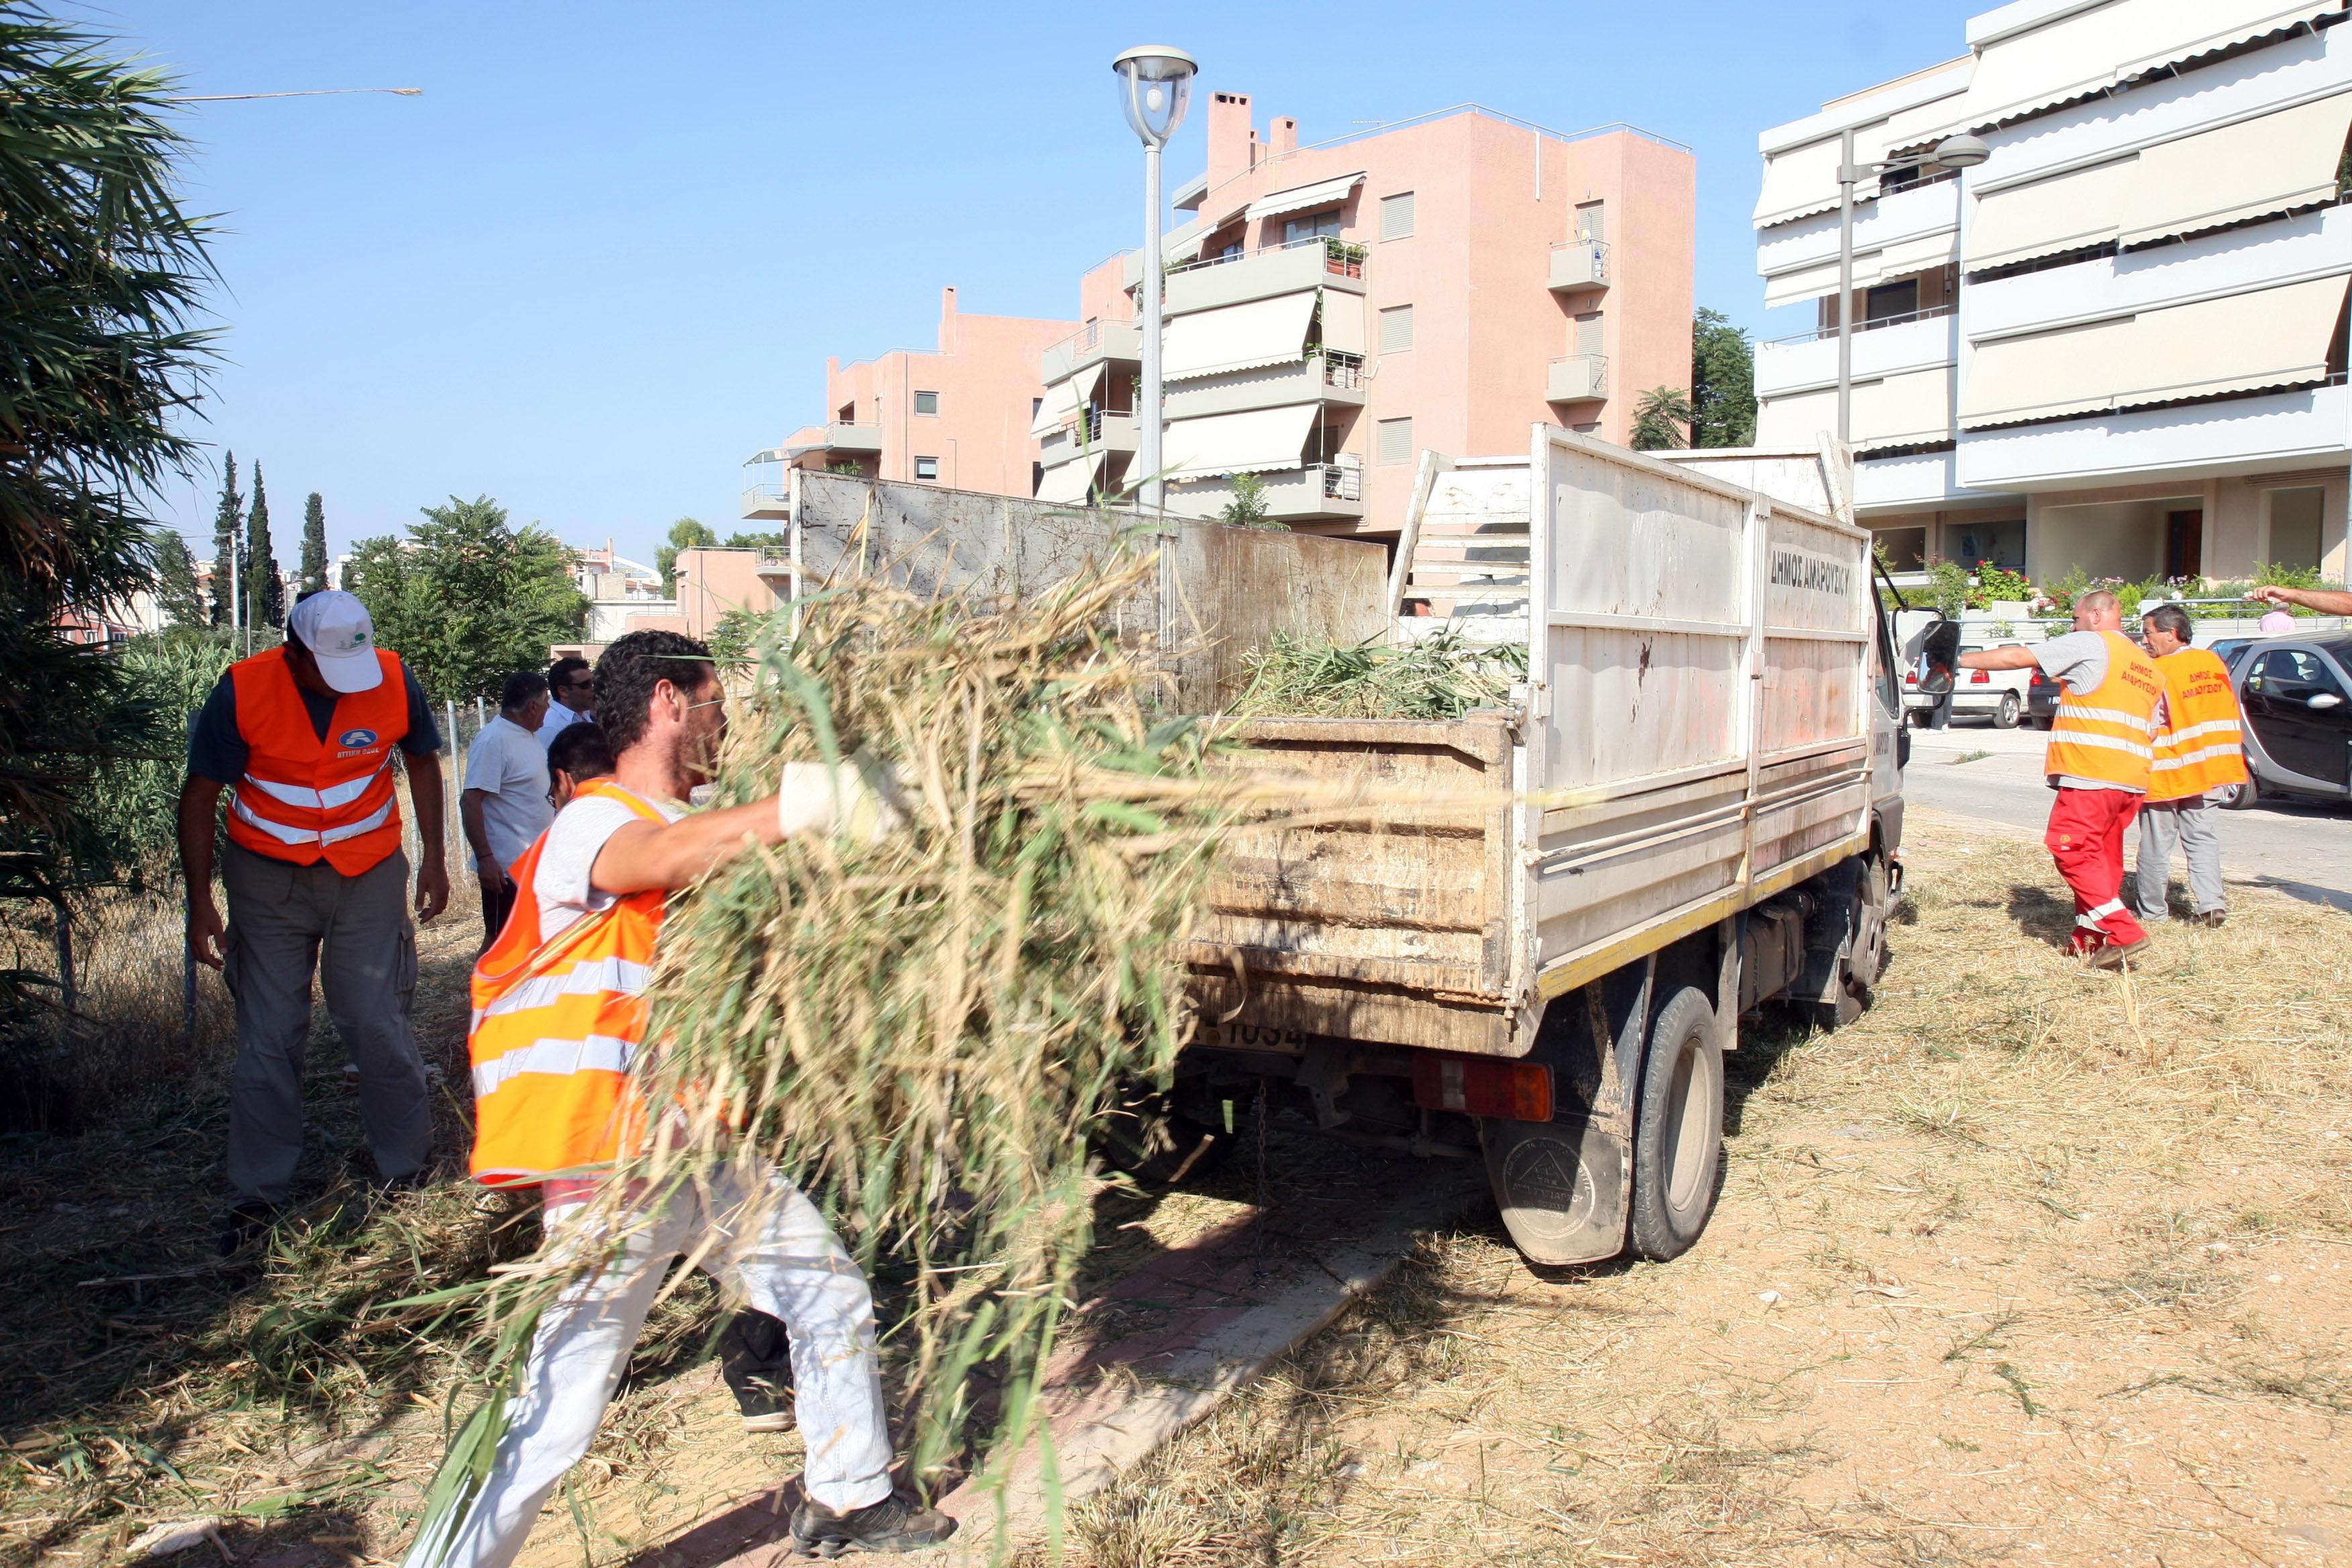 «Πλήρη και σταθερή εργασία για τους εργαζόμενους στα προγράμματα κοινωφελούς εργασίας στους Δήμους»